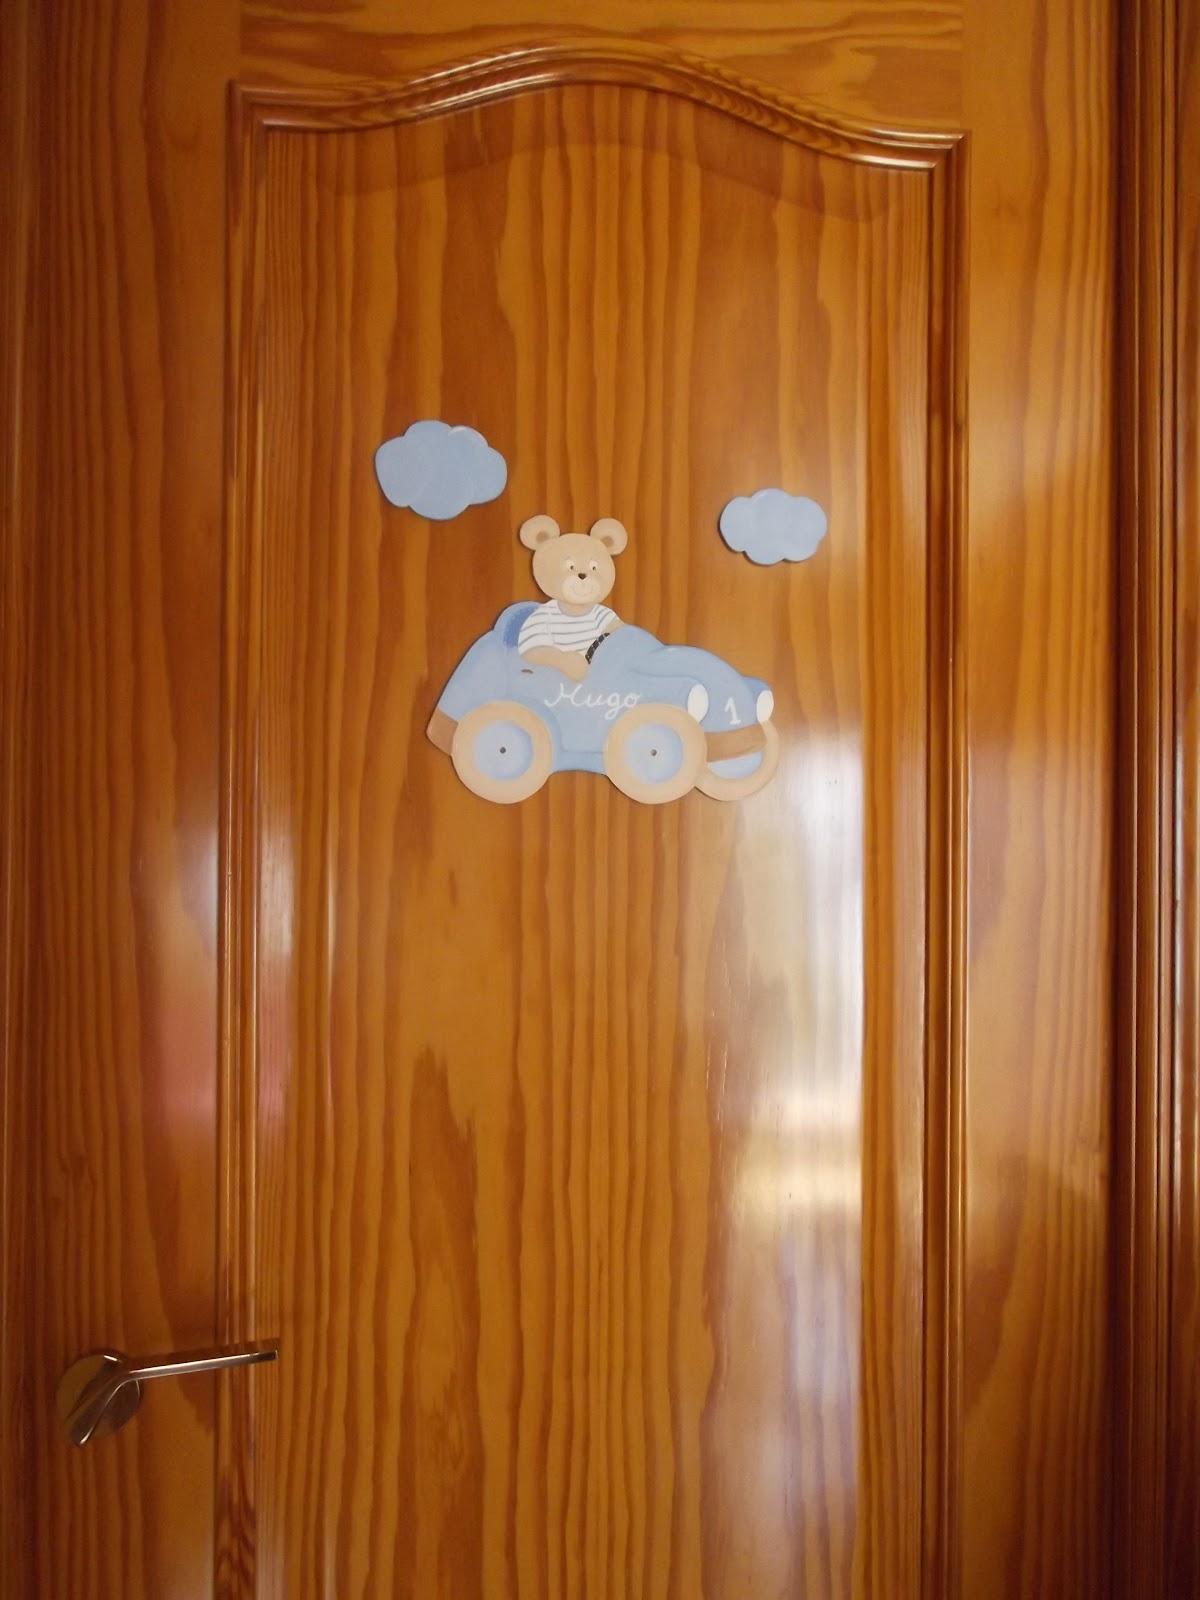 Decoraci n infantil pekerines siluetas con nombre para for Colgadores para puertas